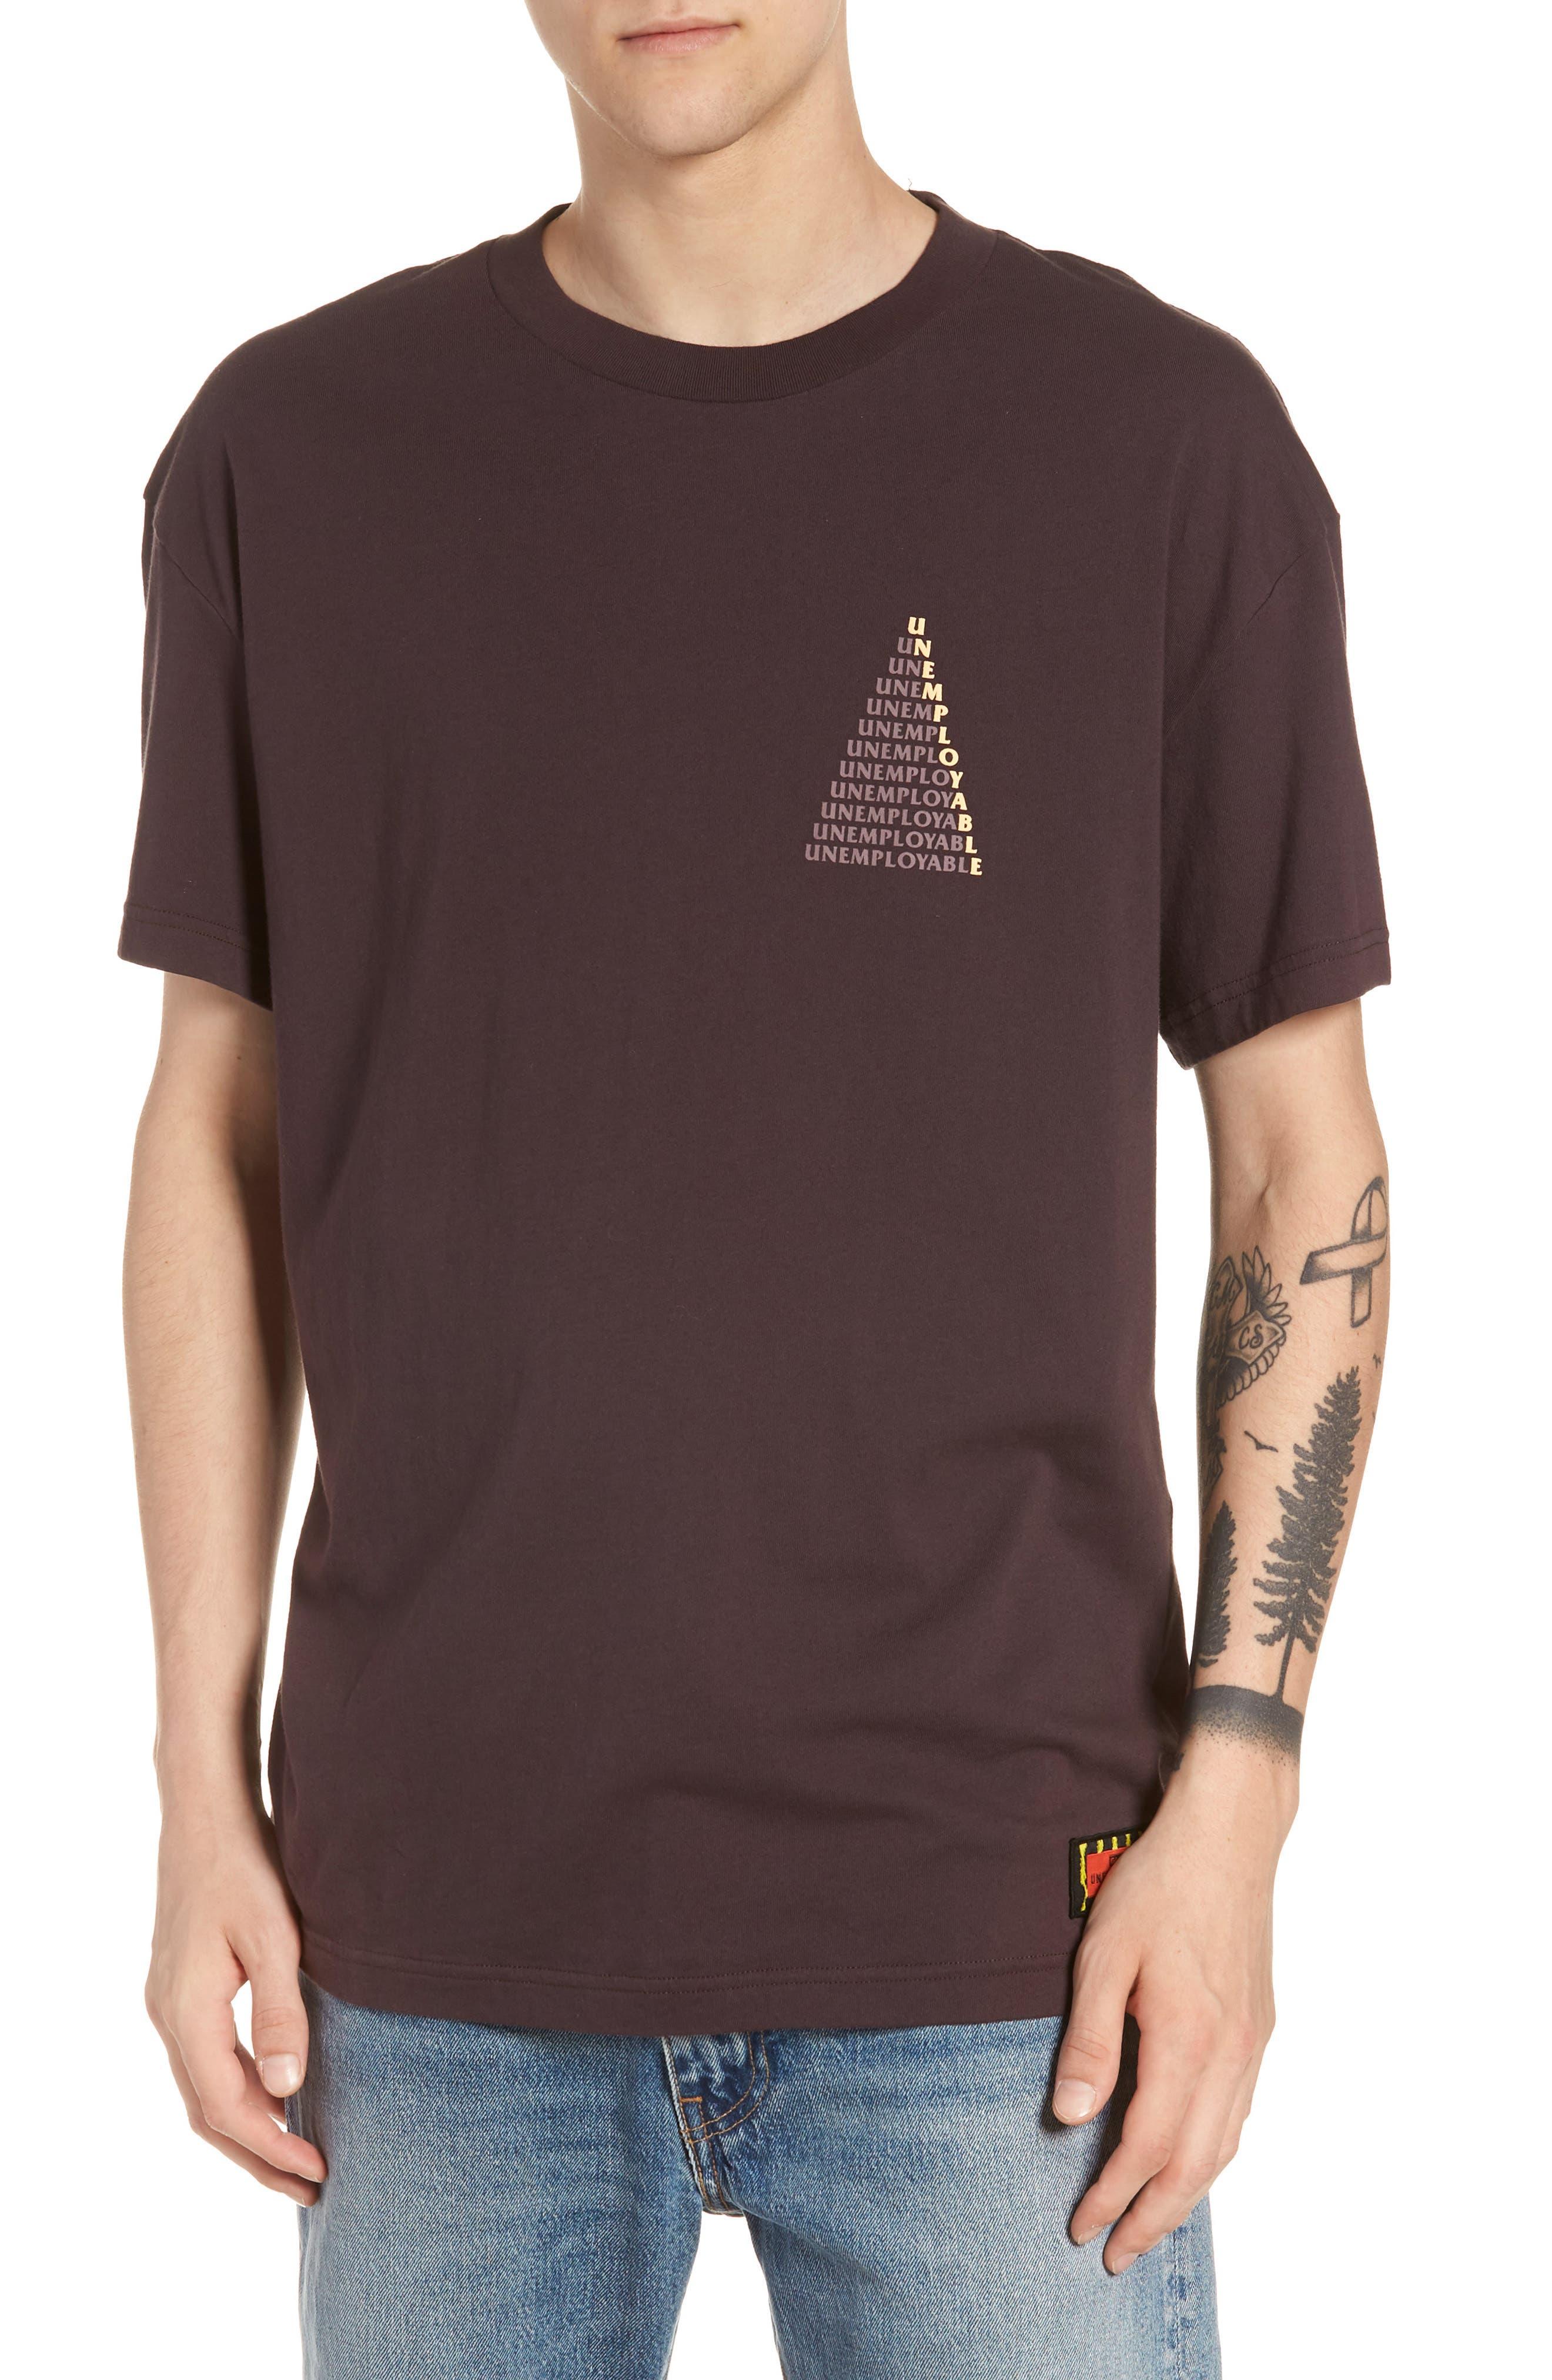 GLOBE Ue Pyramid T-Shirt in Wine